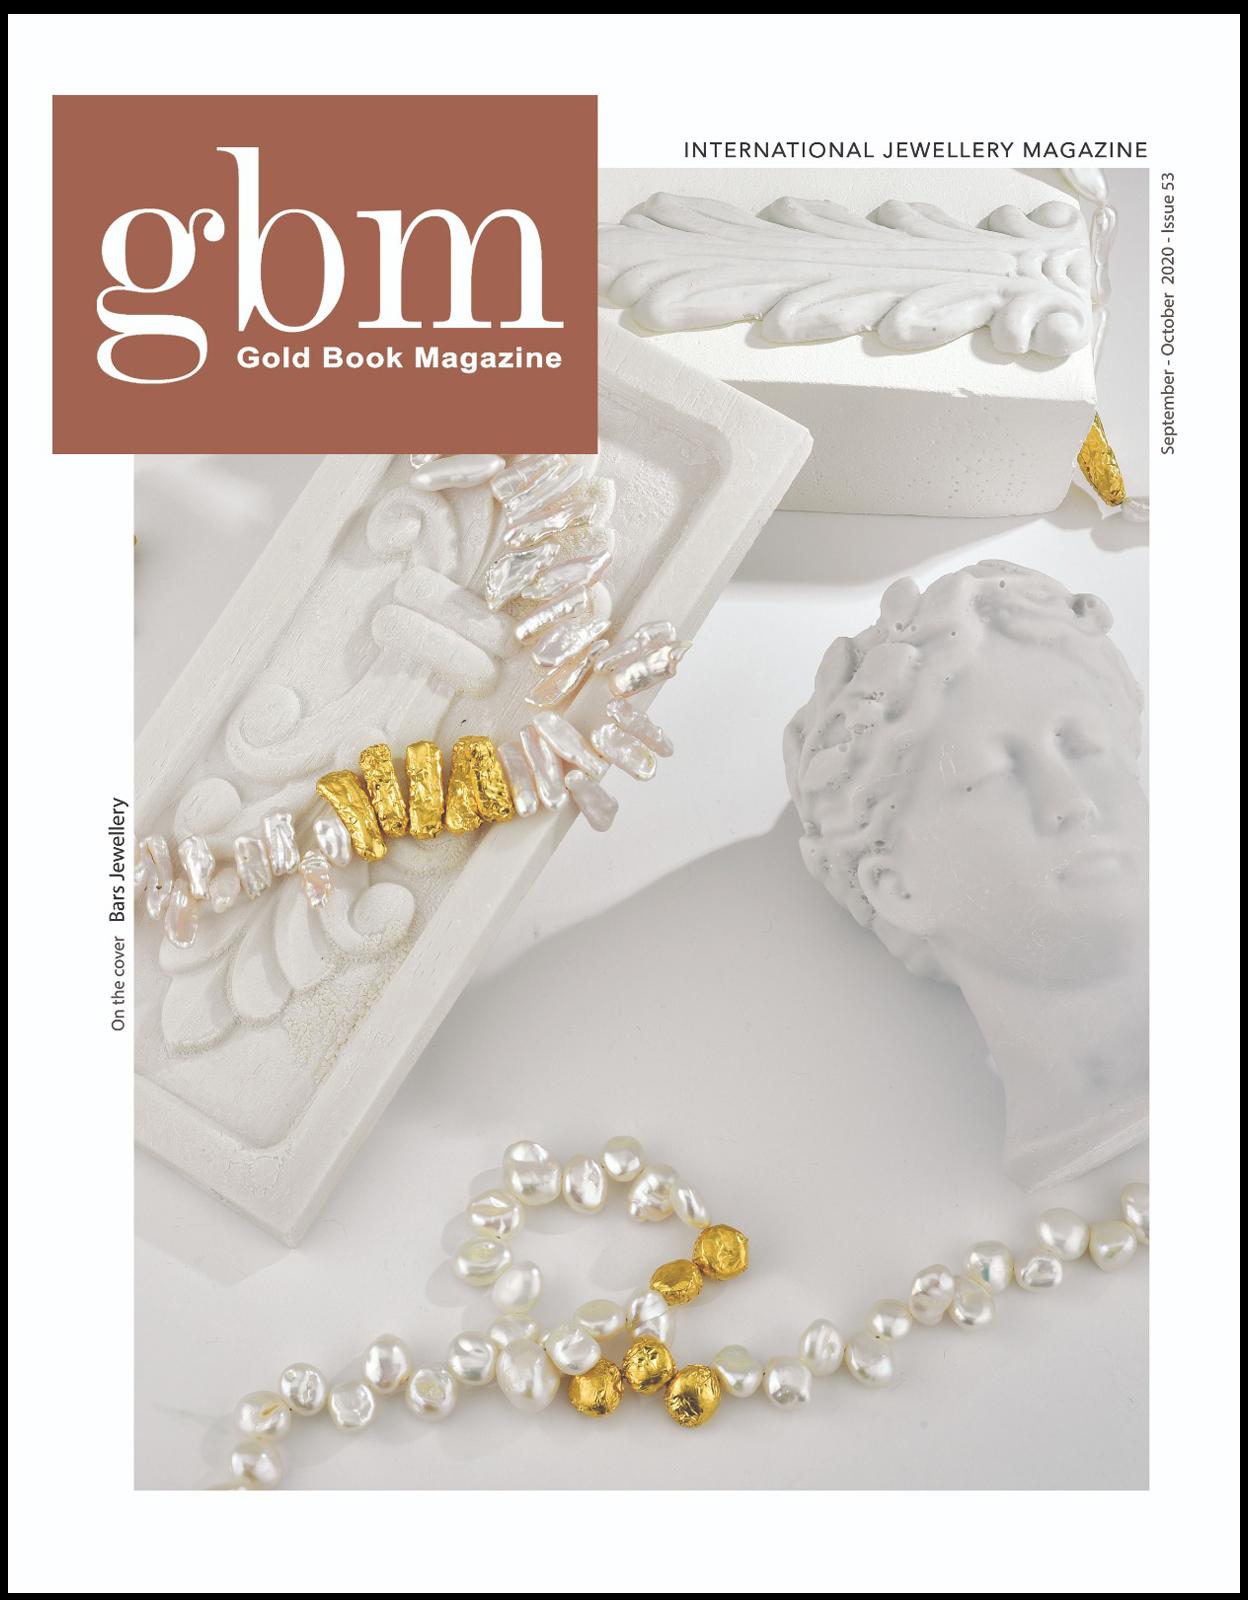 gbm 53rd edition